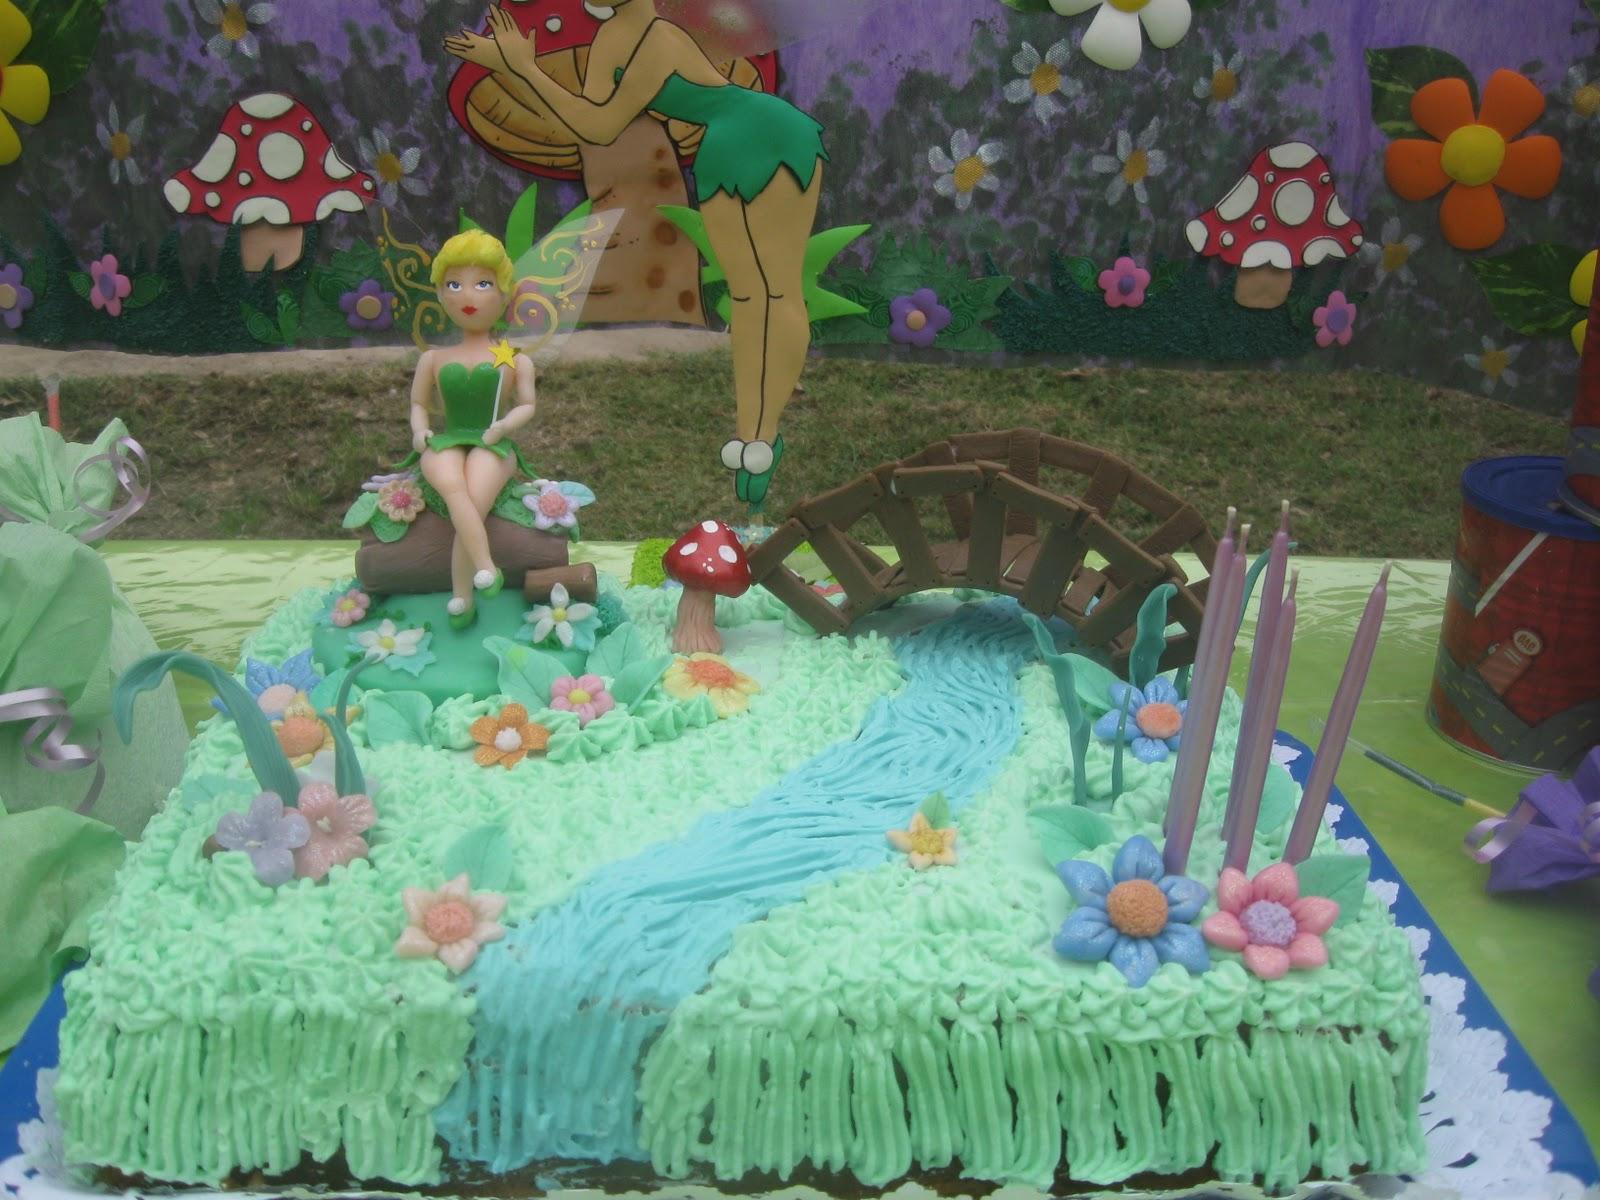 Decoraciones Mágicas: Cumpleaños TinkerBell